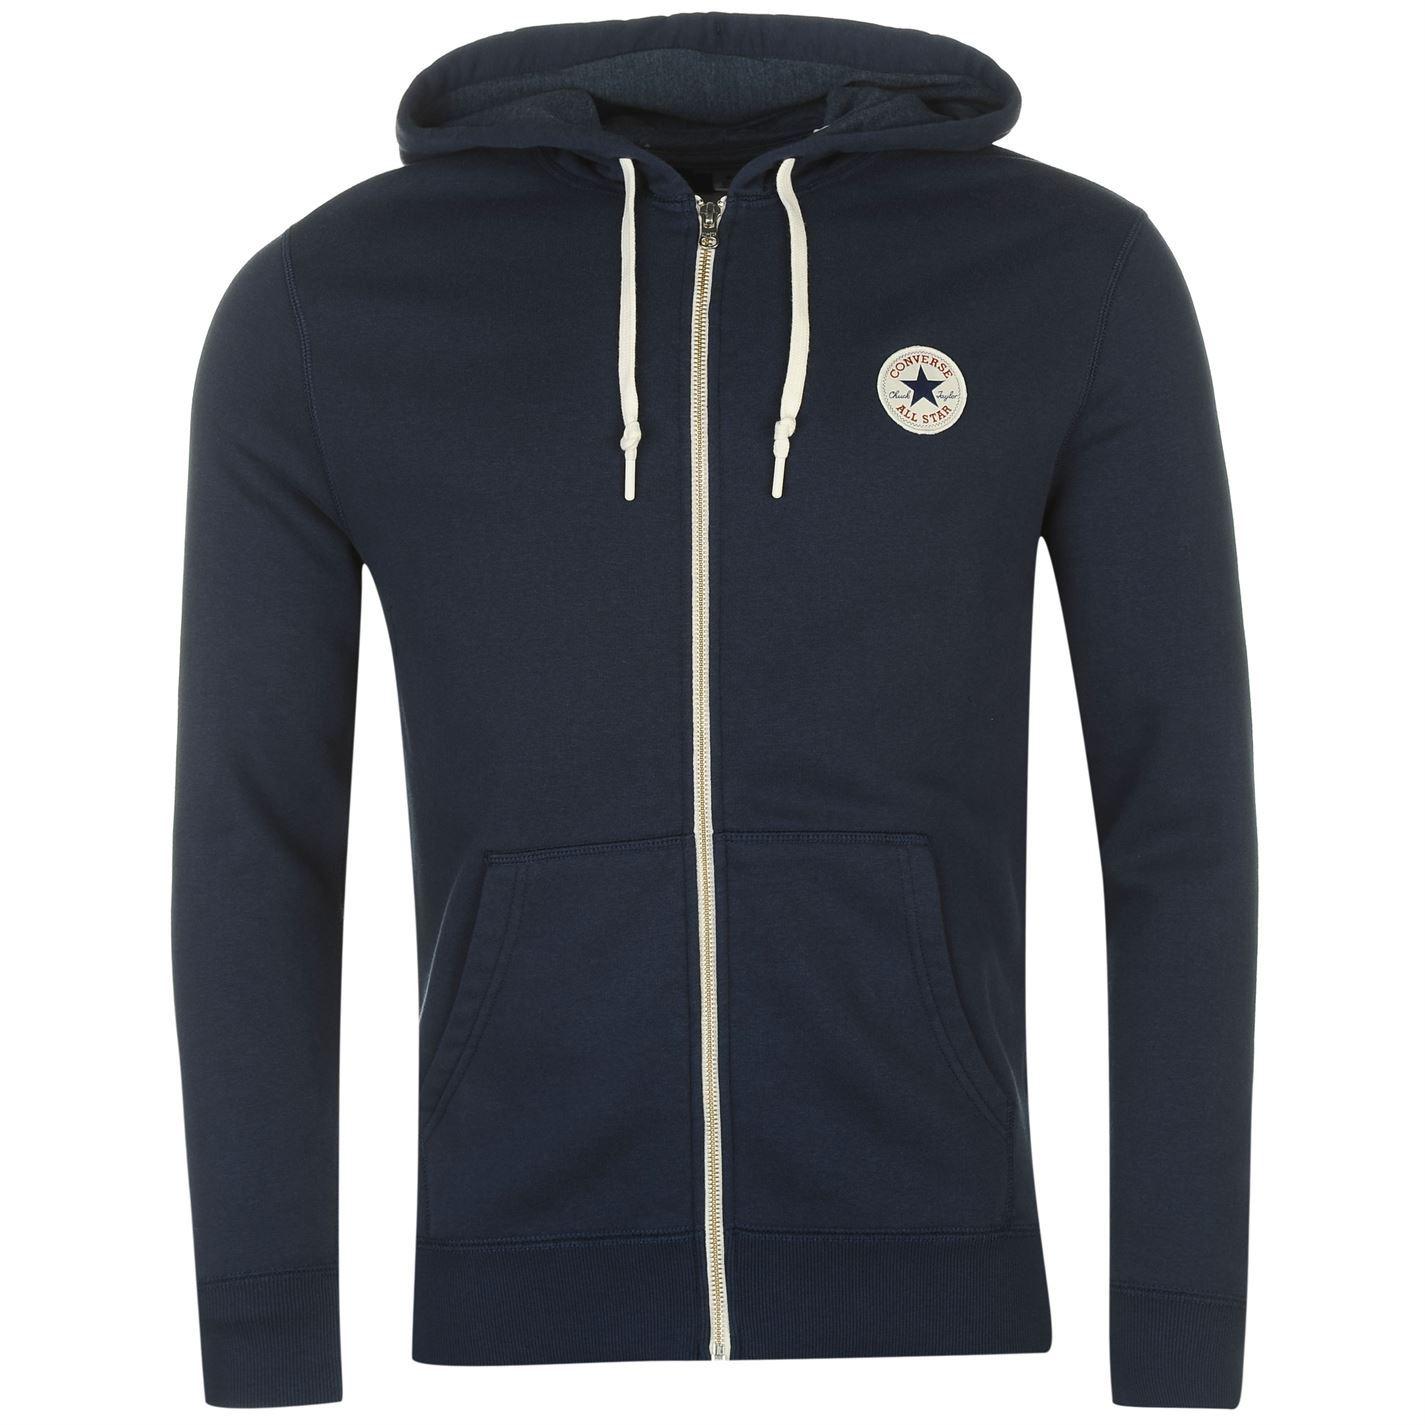 thumbnail 9 - Converse Core Full Zip Hoody Jacket Mens Hoodie Sweatshirt Sweater Hooded Top